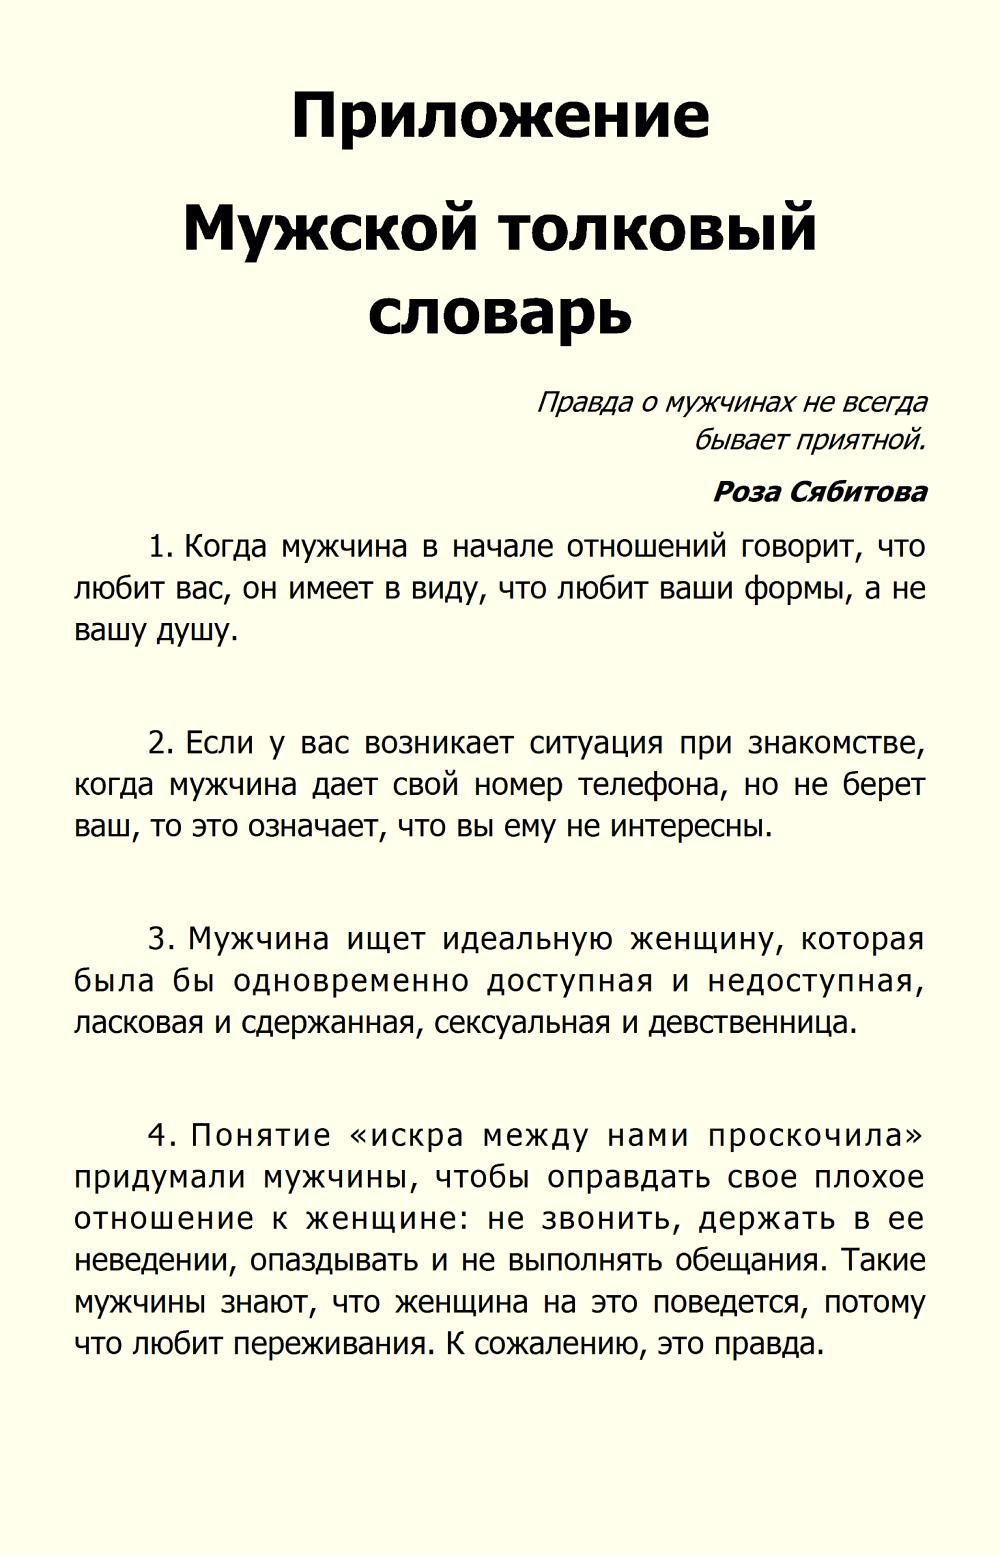 http://i4.imageban.ru/out/2013/11/25/bb08f8ed6b7a1fdc5184de1af565be05.jpg